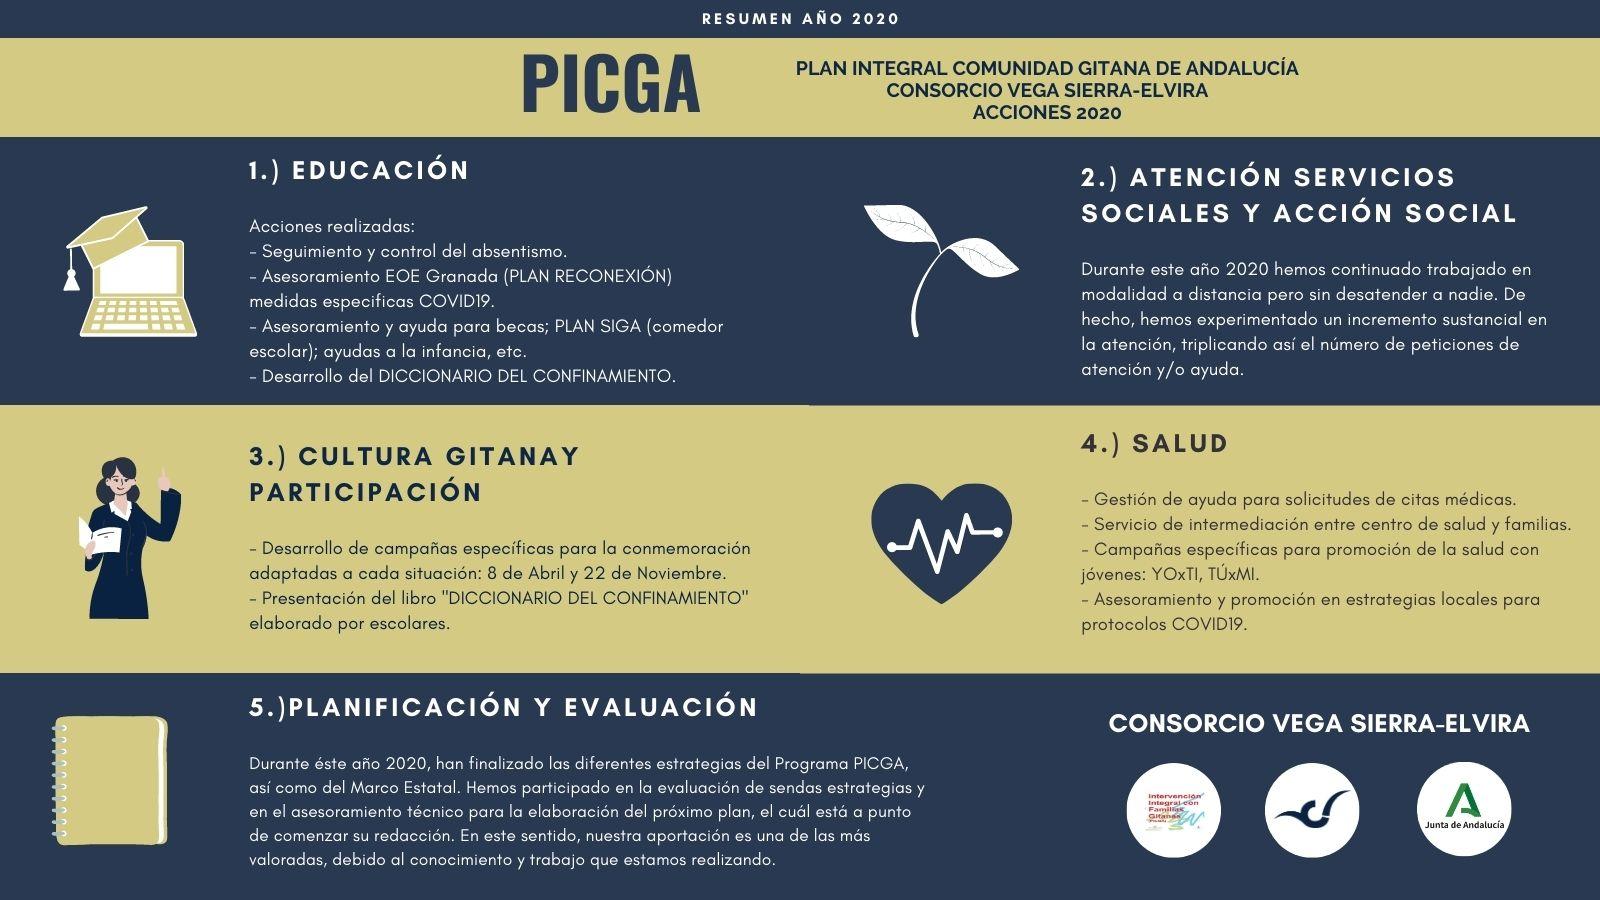 resumen 2020 PICGA consorcio de la vega sierra-elvira